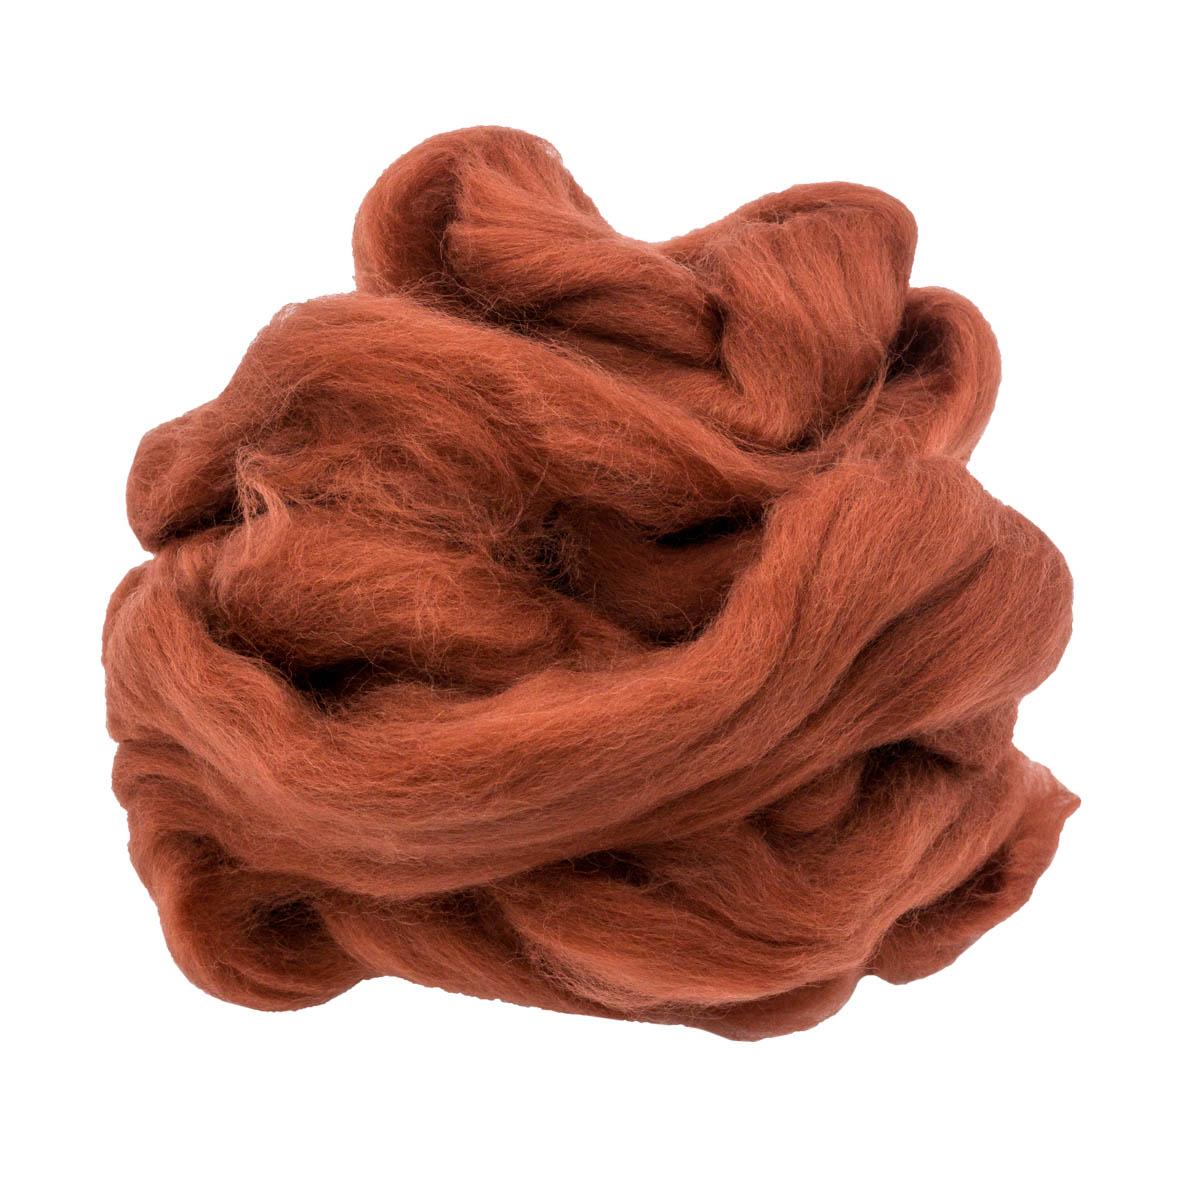 84310-2 ORCHIDEA Шерсть для валяния, цвет красно-коричневый, 50 г